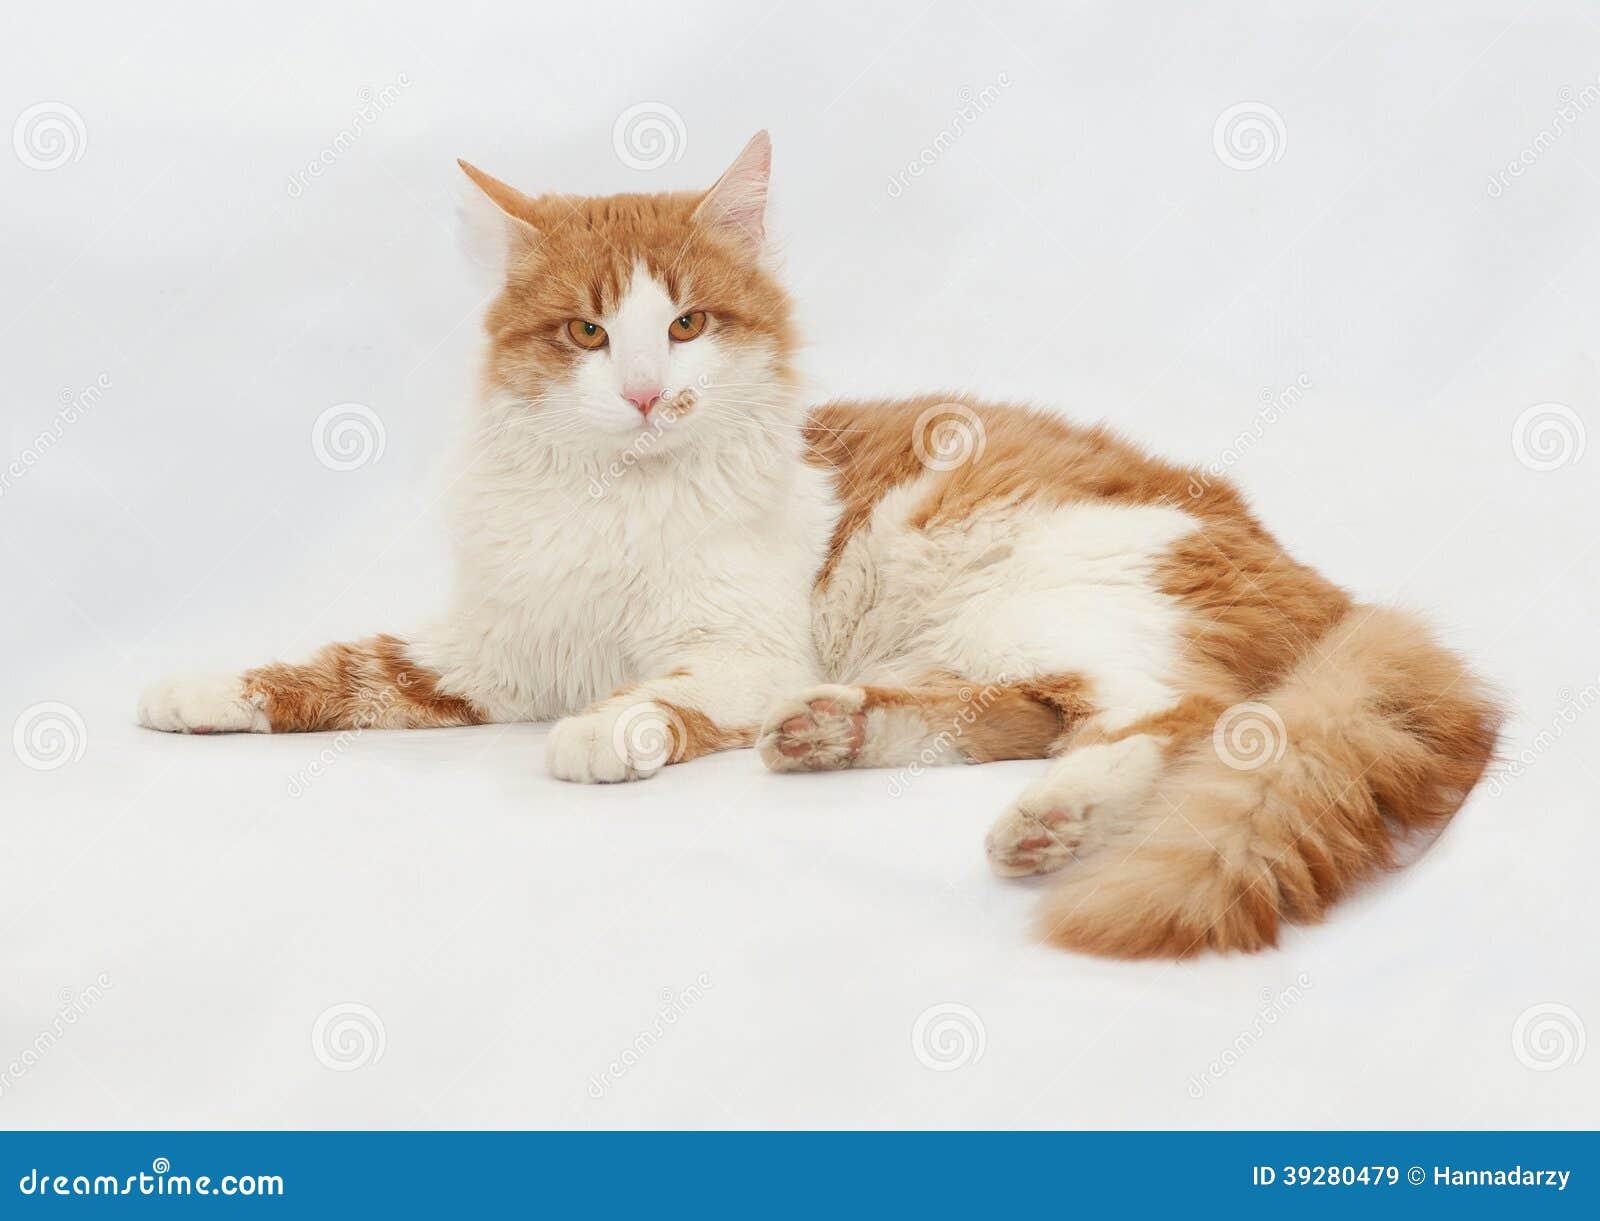 Cat Ears Red Spots